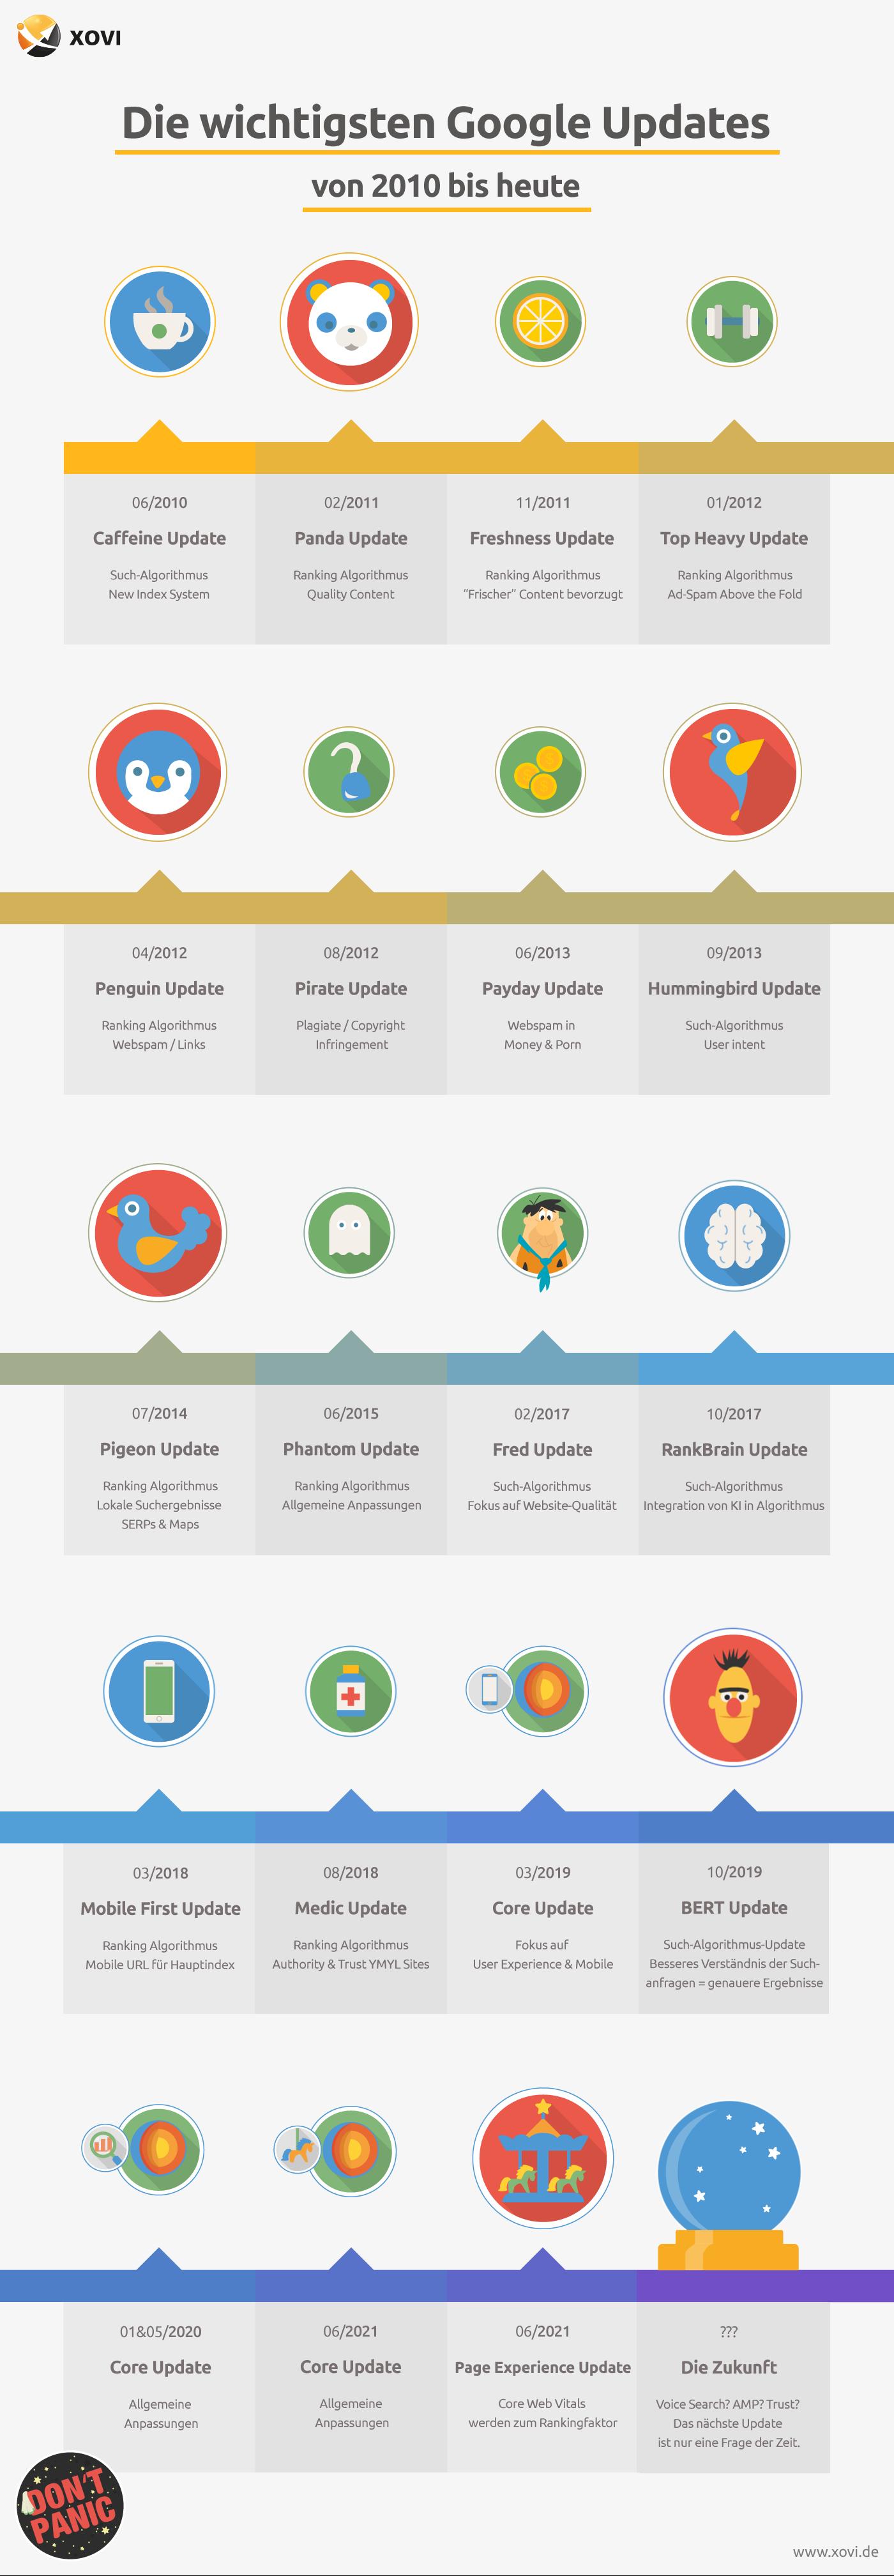 Zeitstrahl der wichtigsten Google-Updates zwischen 2010 und 2021